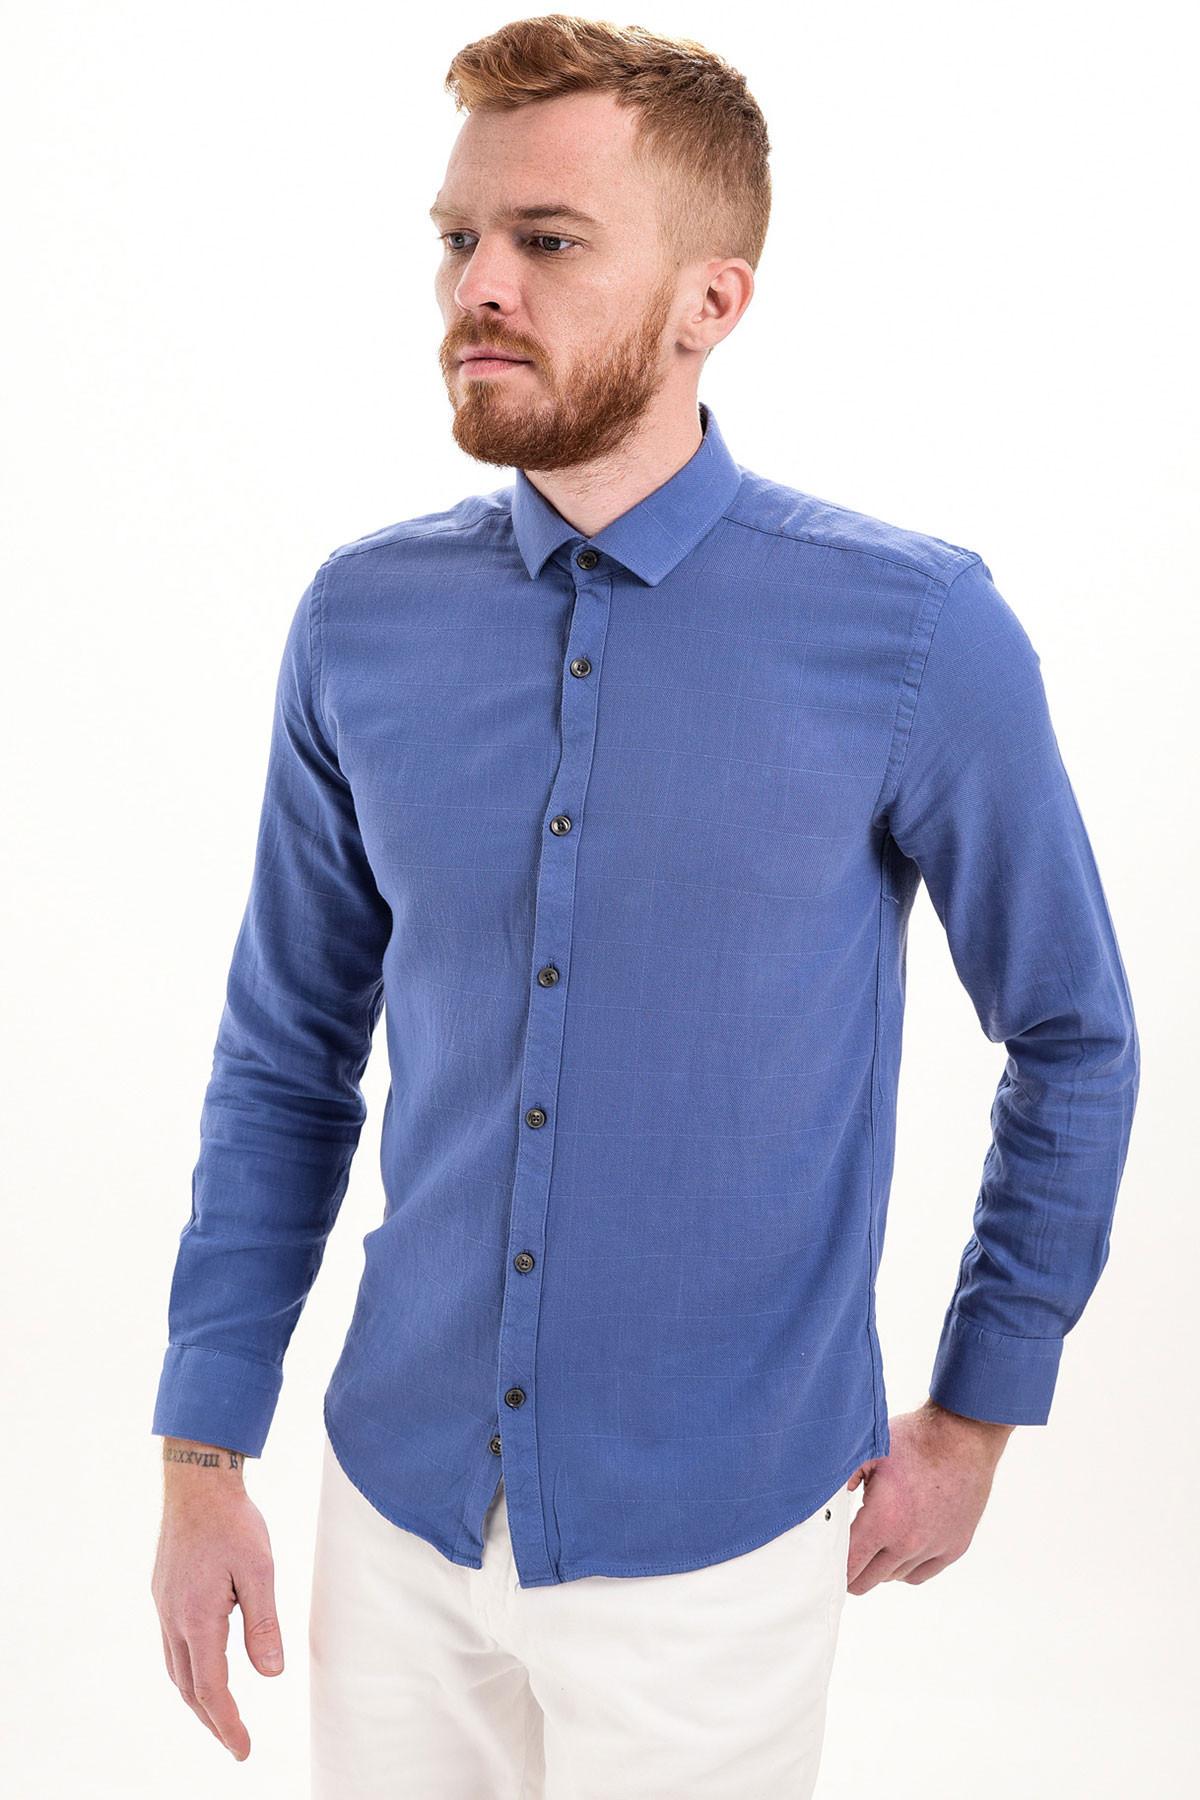 cae717b106a1b Erkek Slim Fit Gömlek Modelleri Ve Çeşitleri   Manche ®   Şık ...